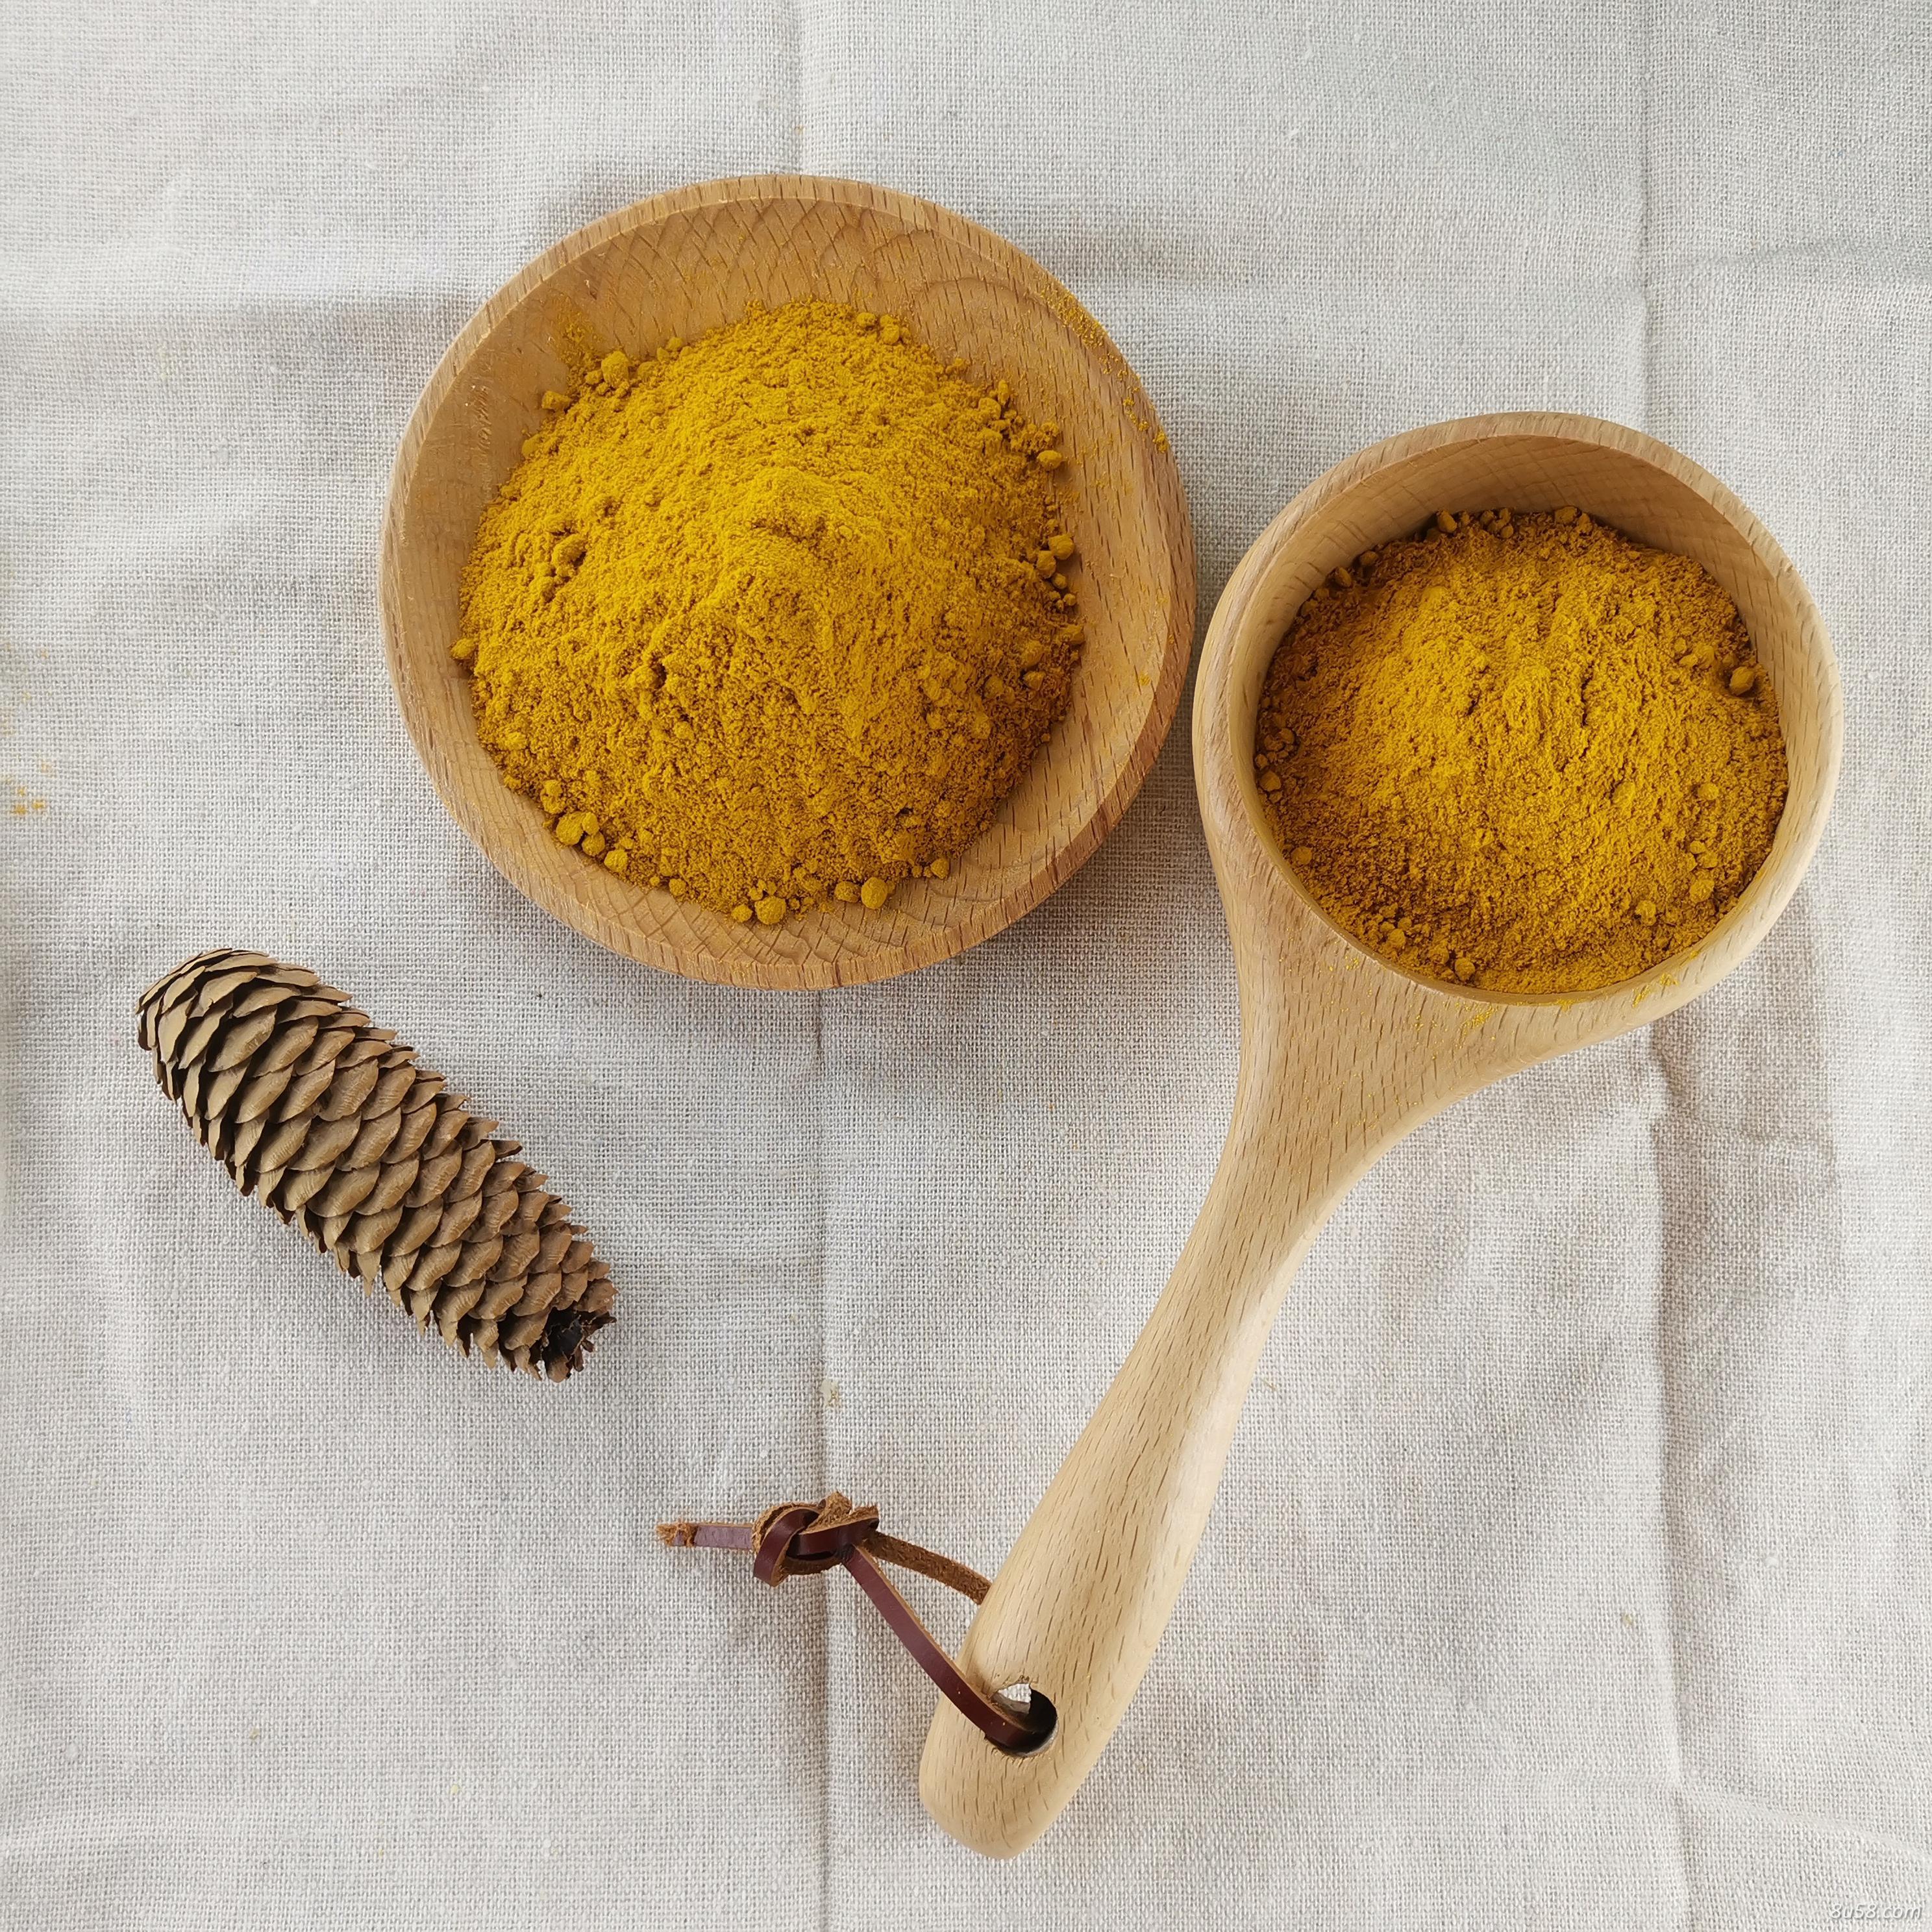 缅甸瑞丽及其他各产地姜黄大量供应,色价高可提色素,香味好可作咖喱粉等香辛料调味品